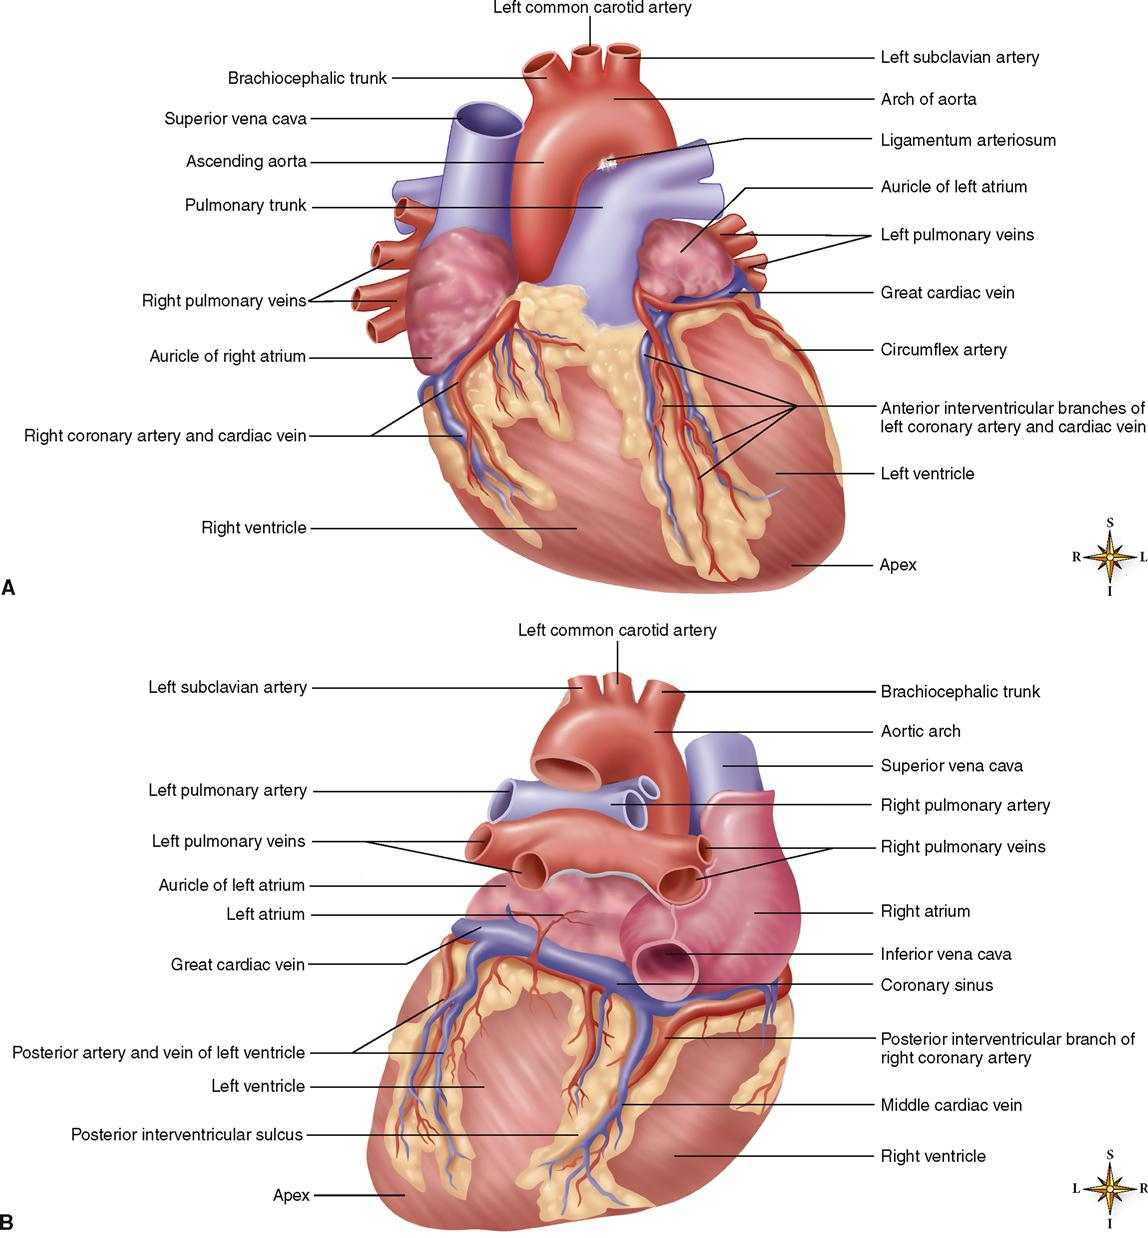 Anatomy of heart vessels